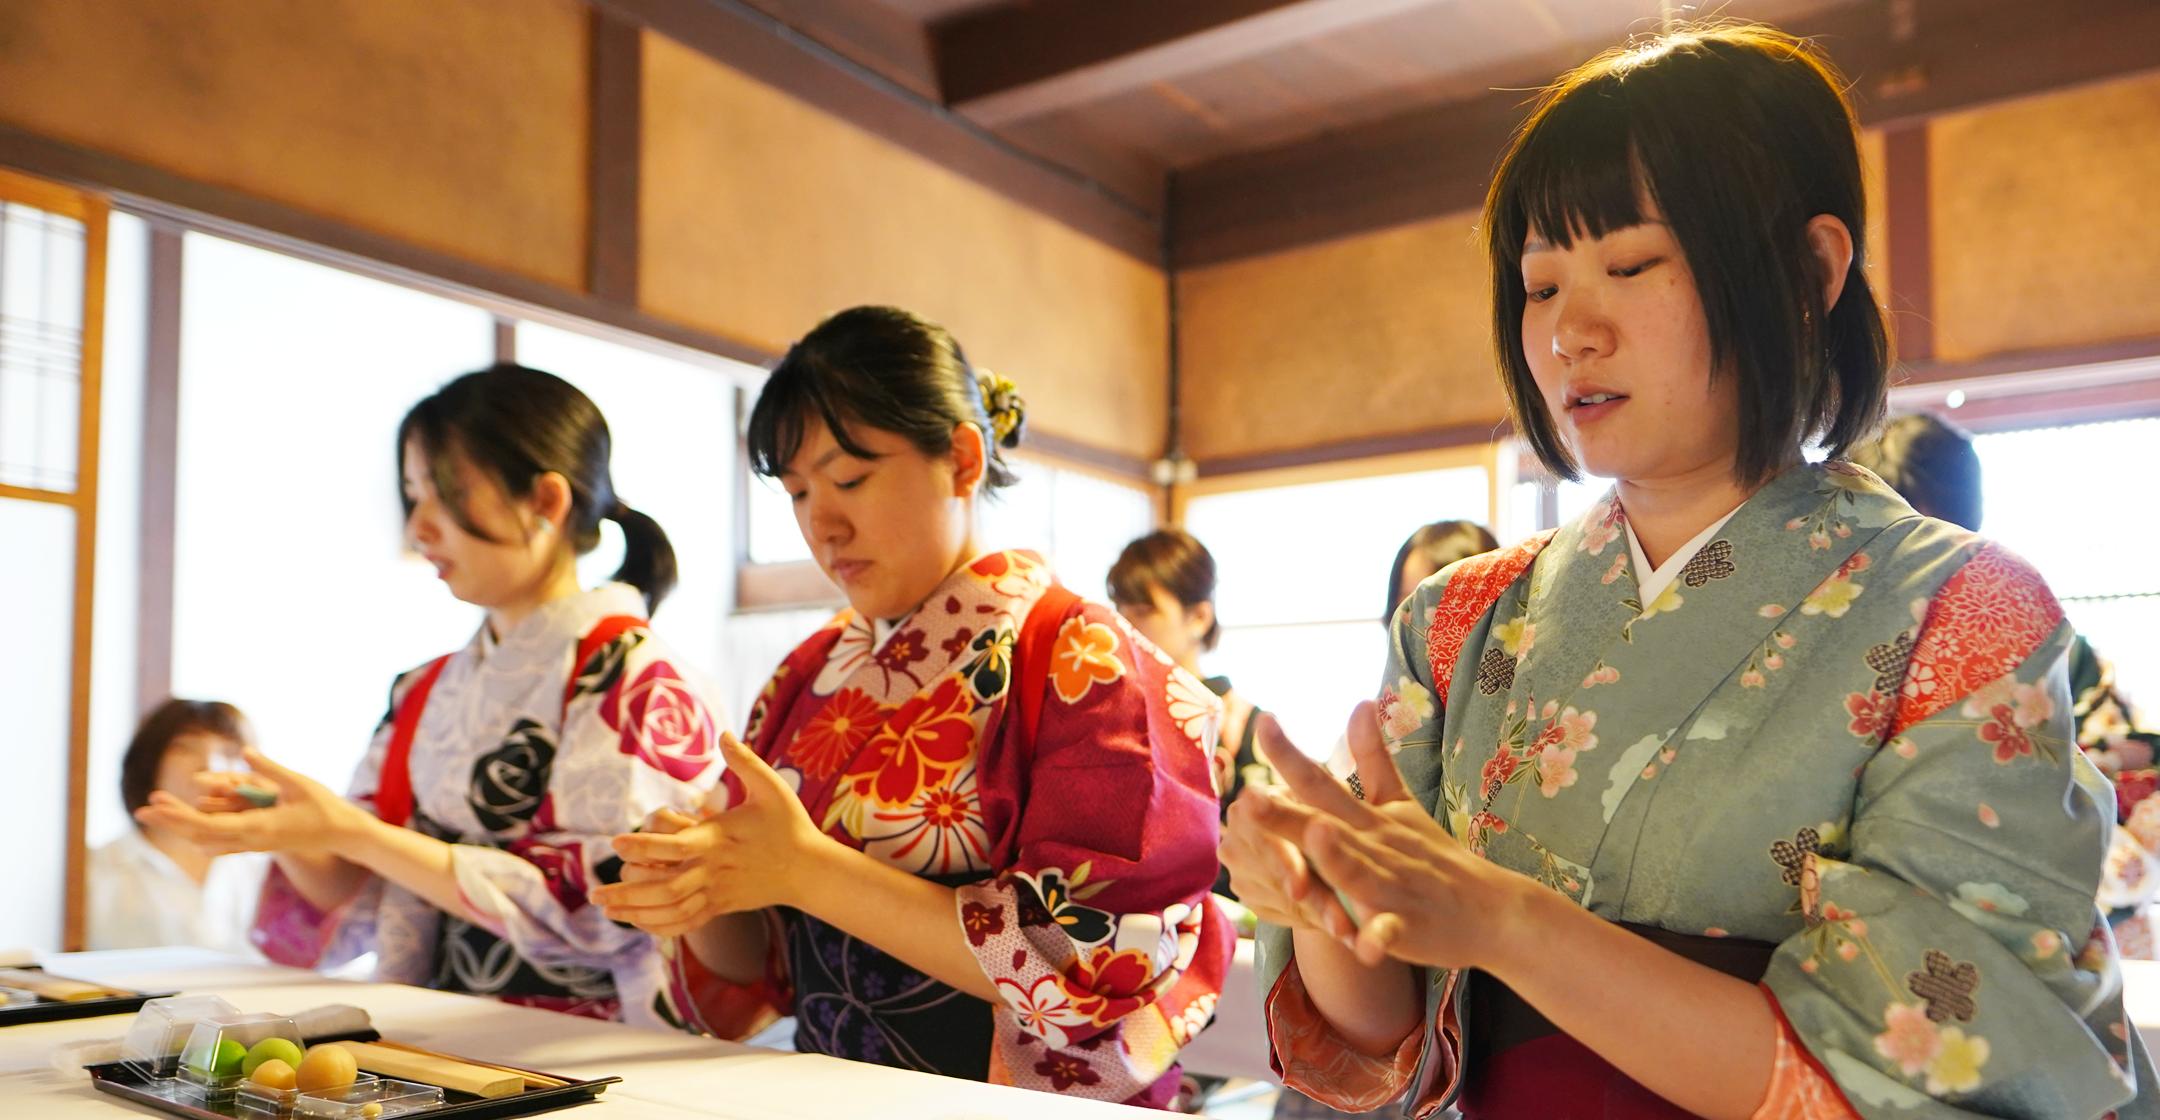 町家の旅籠 西田屋にて和菓子作り体験